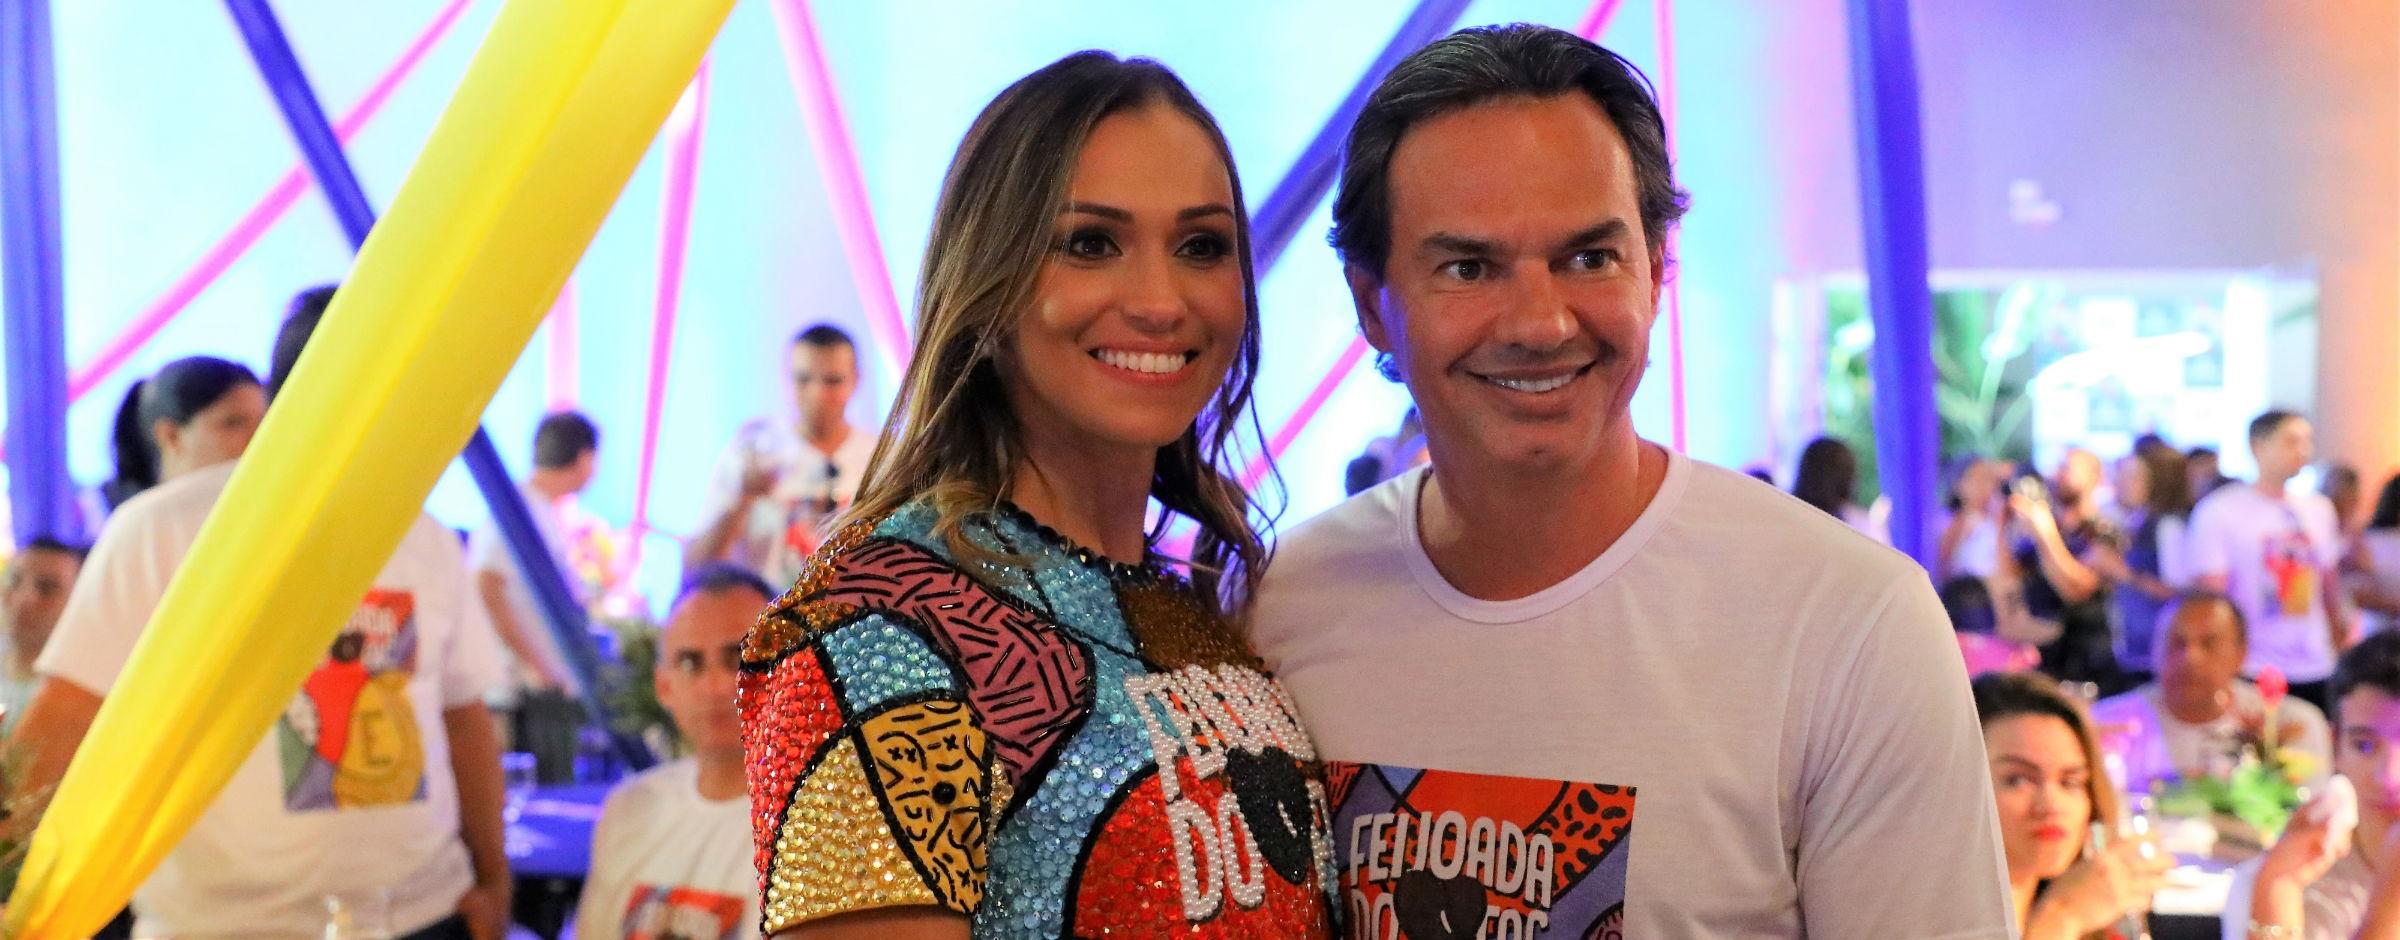 19ª Feijoada do FAC faz sucesso e arrecada fundos para campanha do agasalho